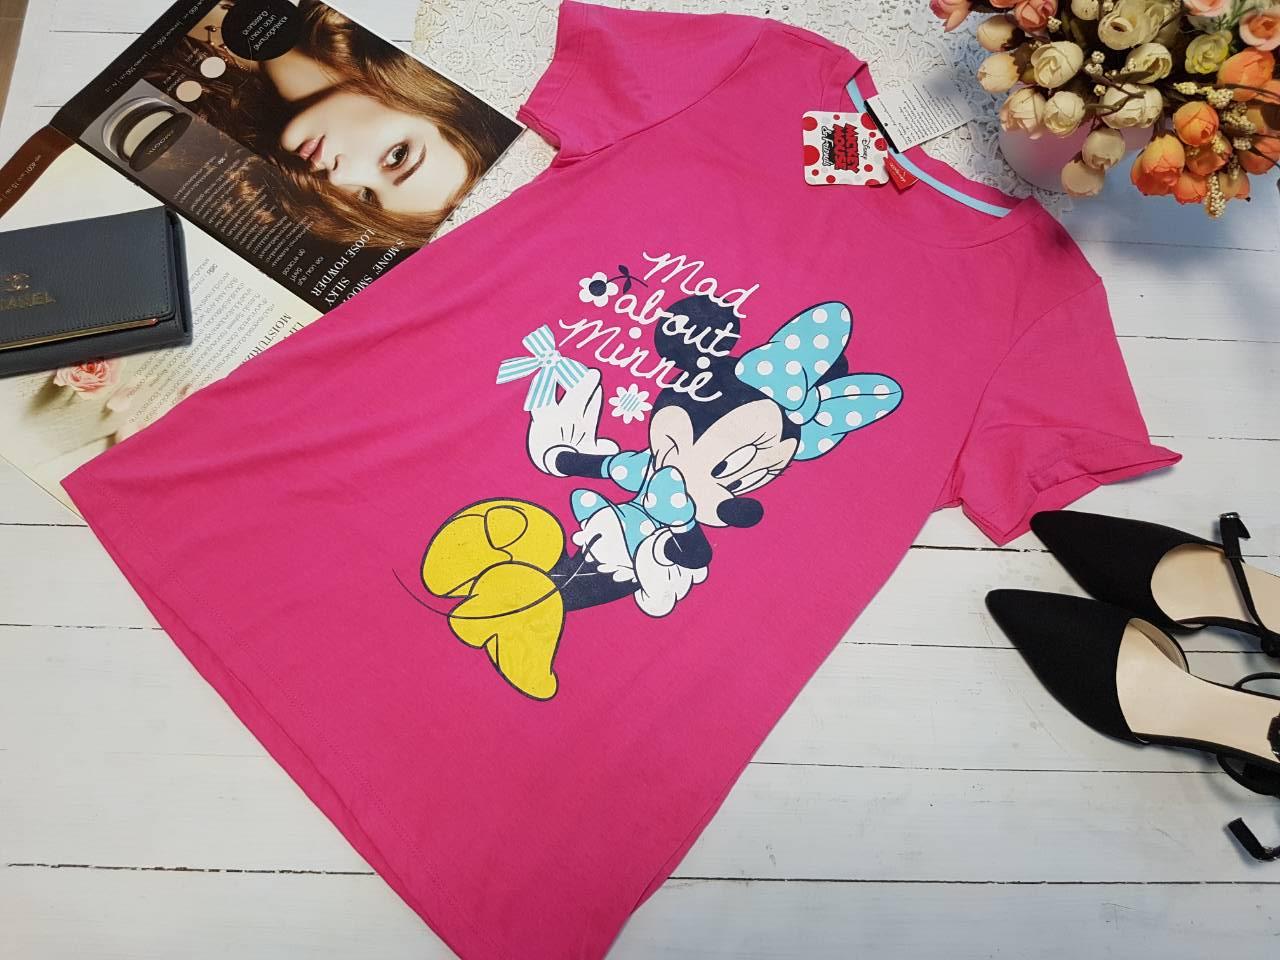 Mickey's แบรนด์มิกกี้เมาส์ ดีสนีย์ ลิขสิทธิ์ แท้ 100% ไซส์ M